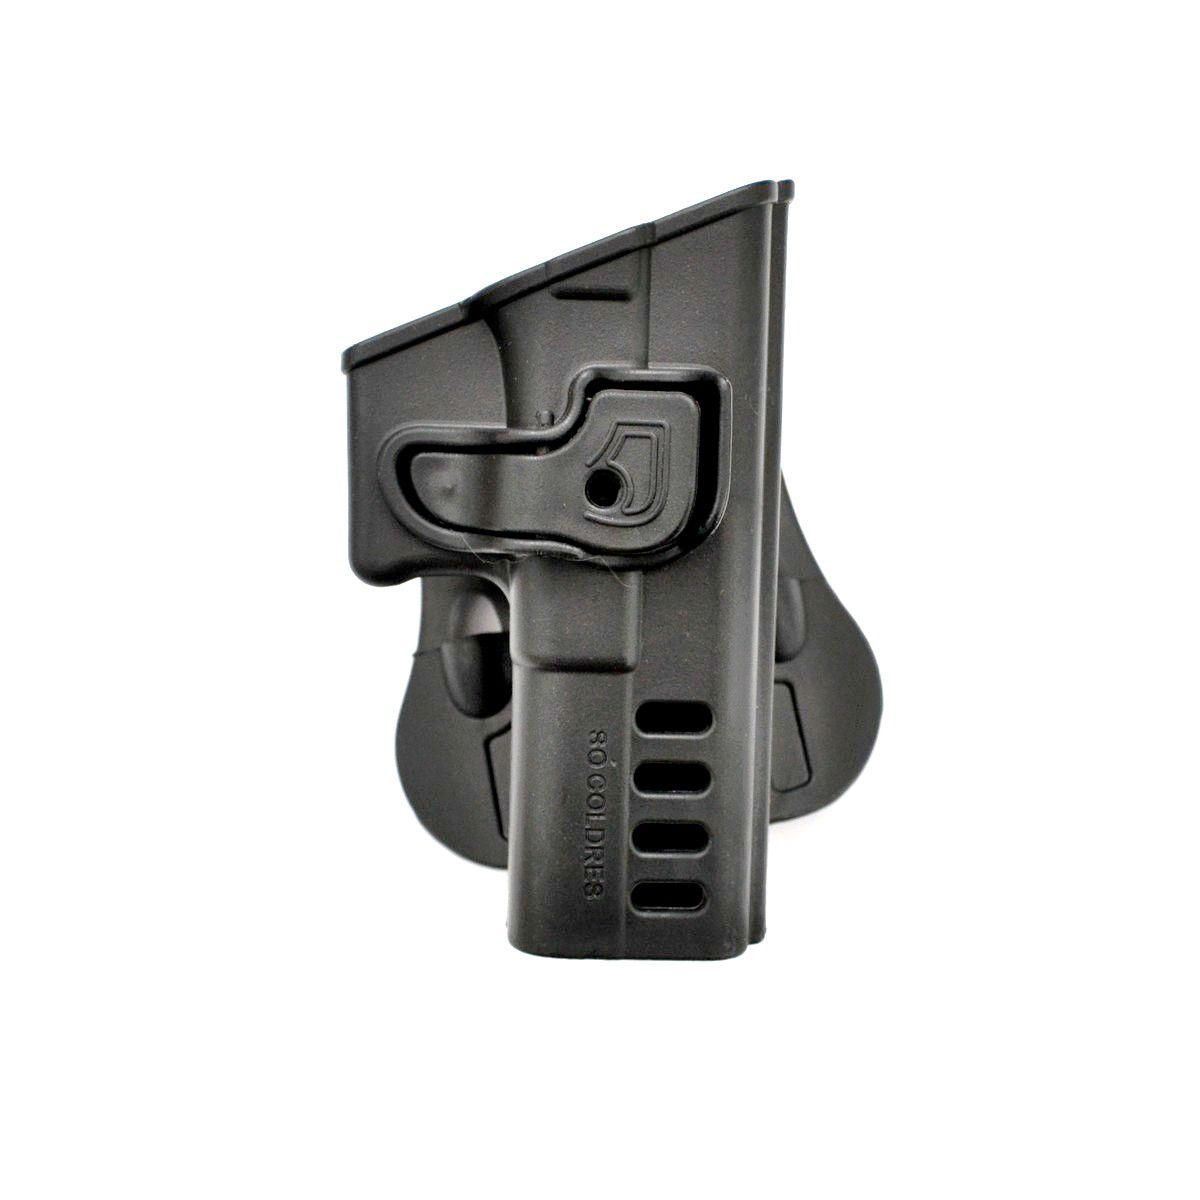 Coldre Polímero Só Coldre P/ Glock G17/G22 (GEN4) - SC110 Destro